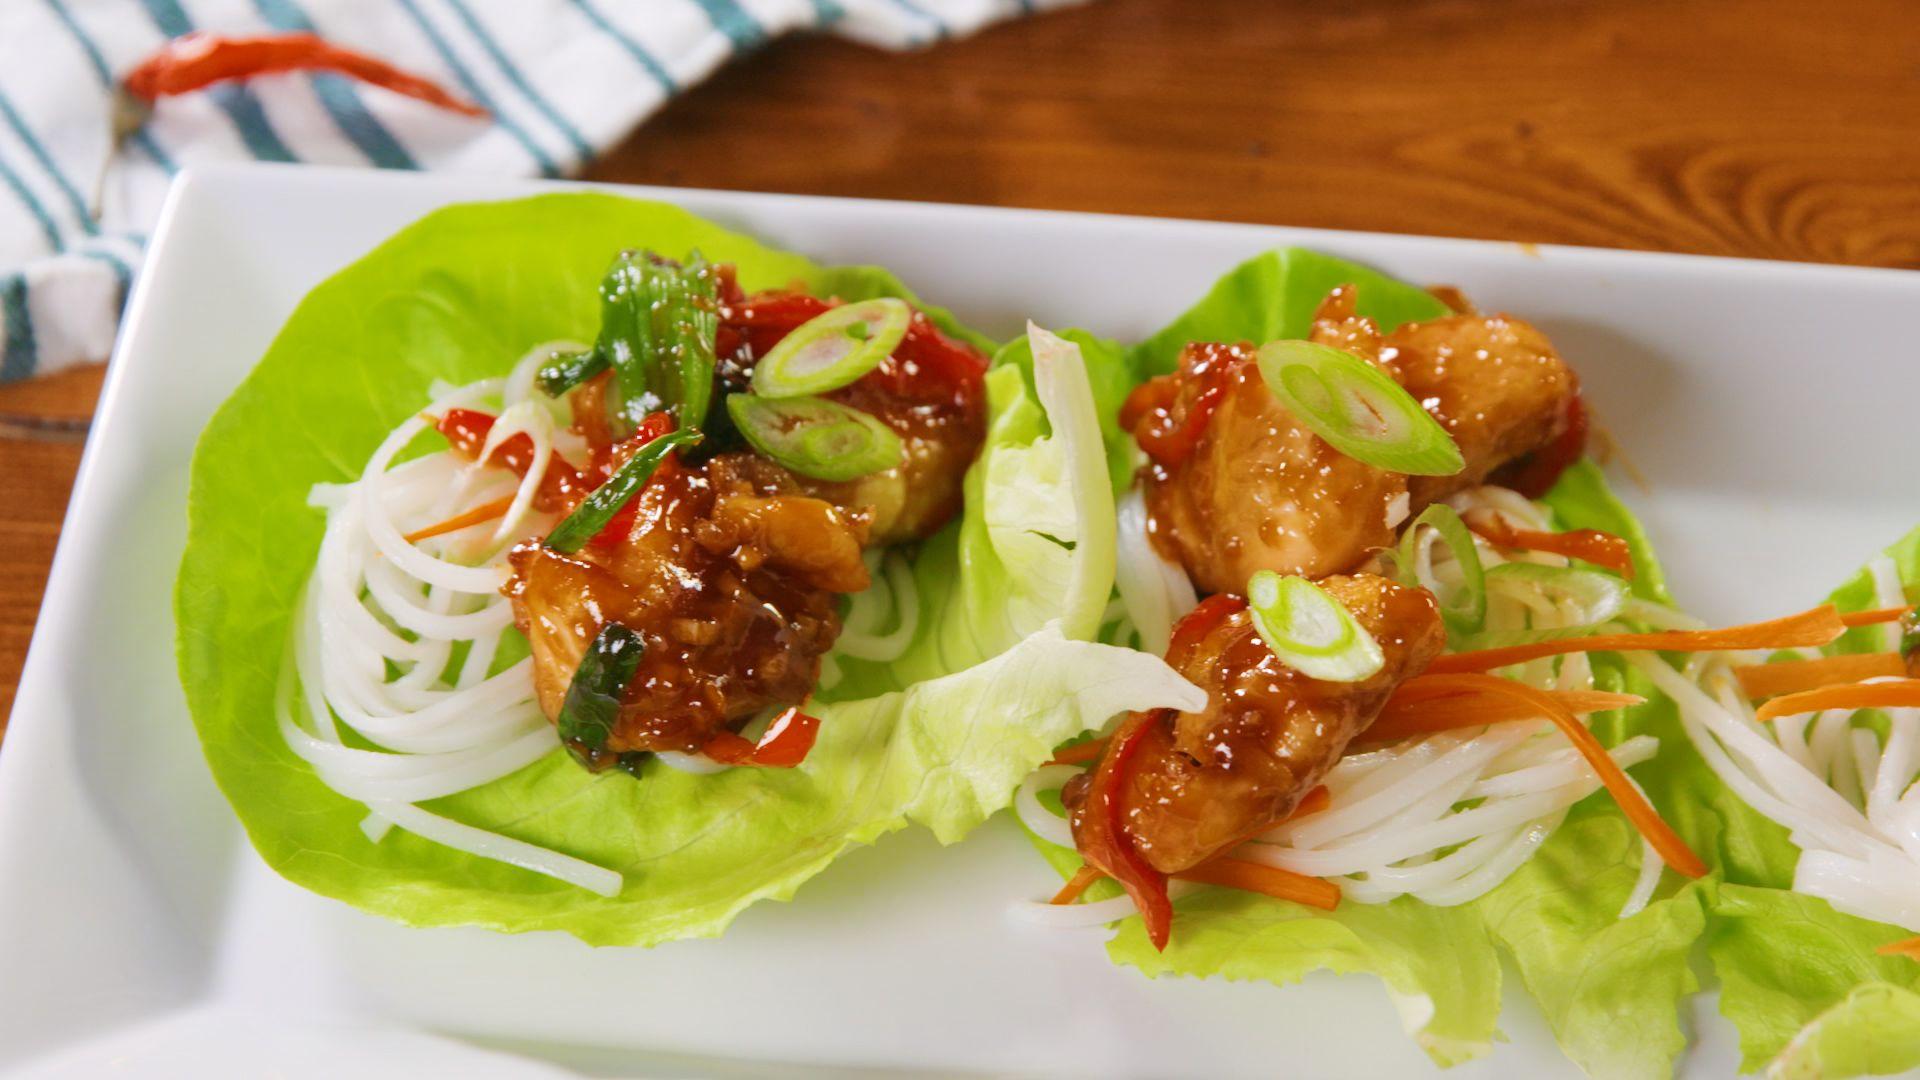 Mongolian Chicken Stir Fry